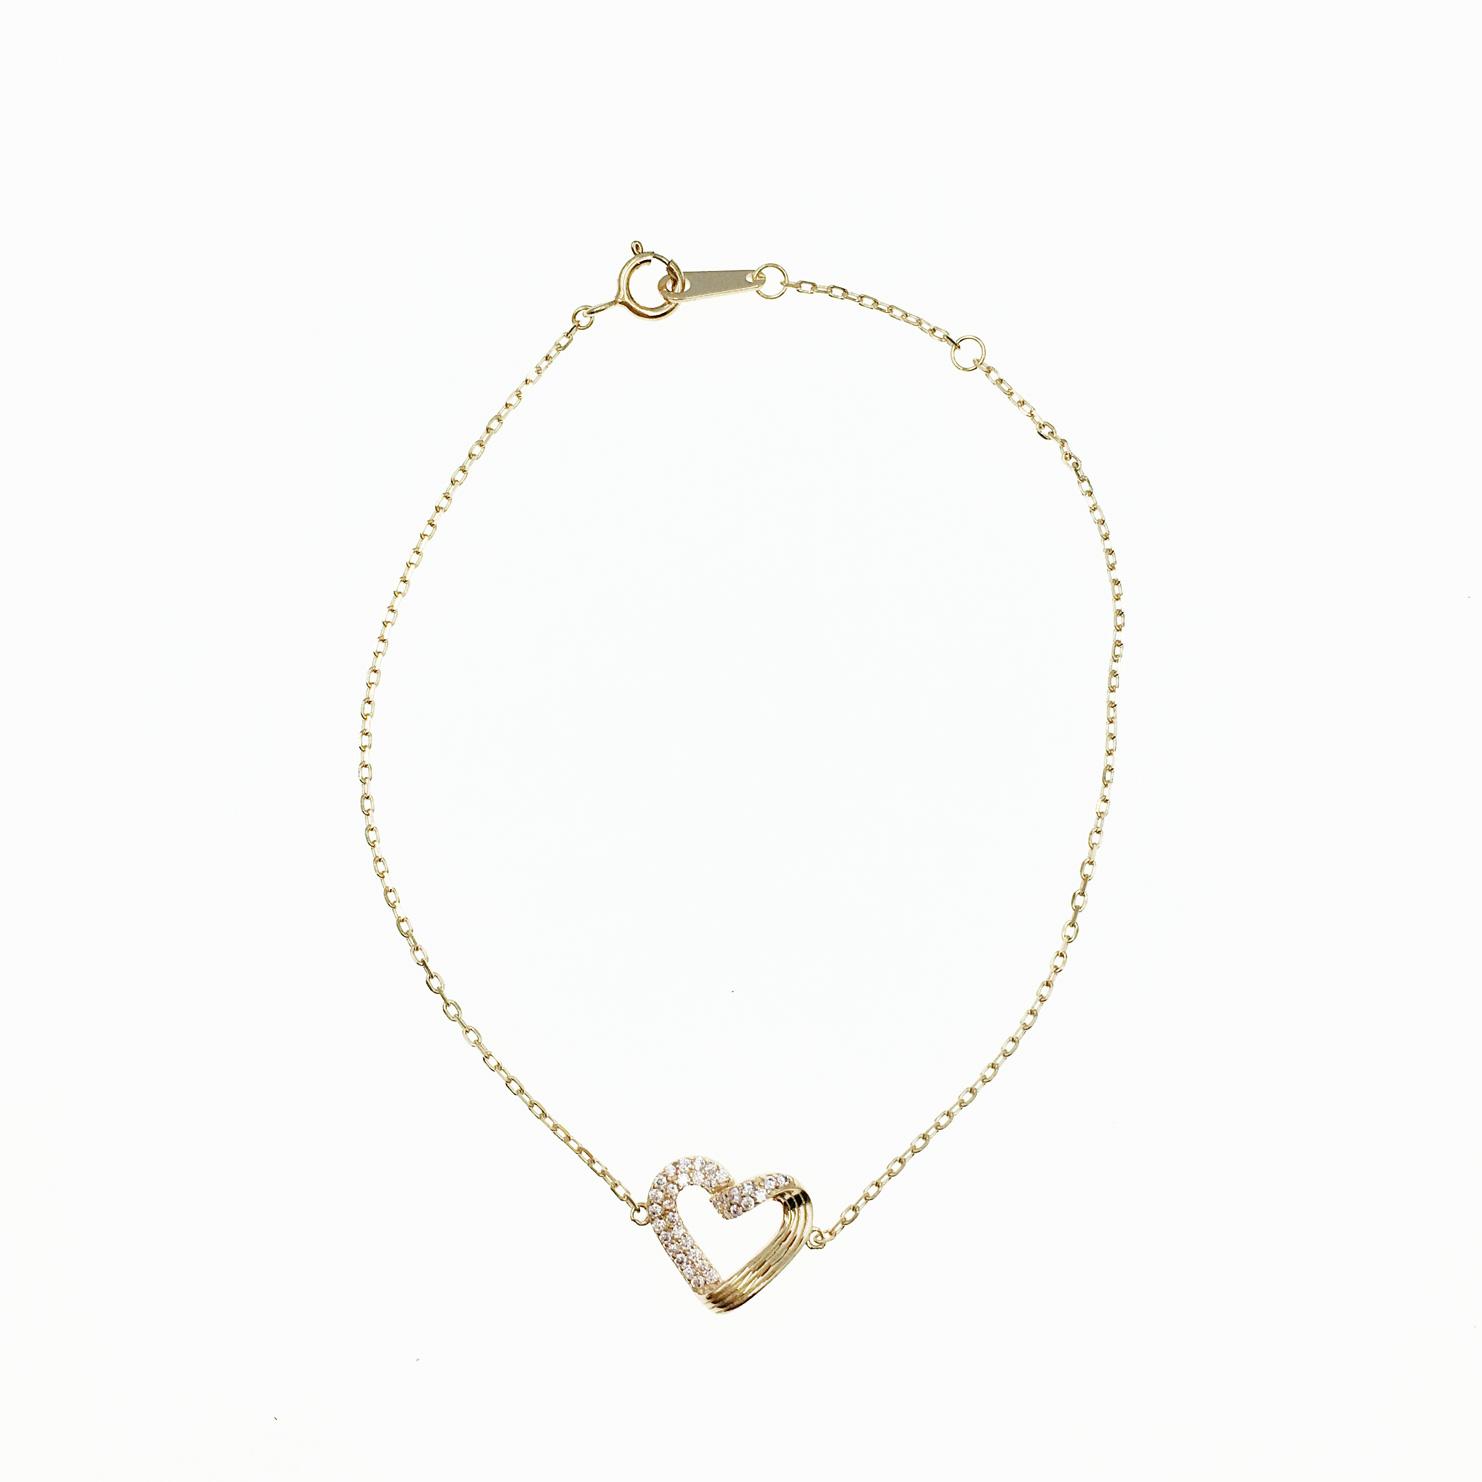 韓國 925純銀 愛心 多層線條 簍空 水鑽 玫瑰金 氣質款 手飾 手鍊